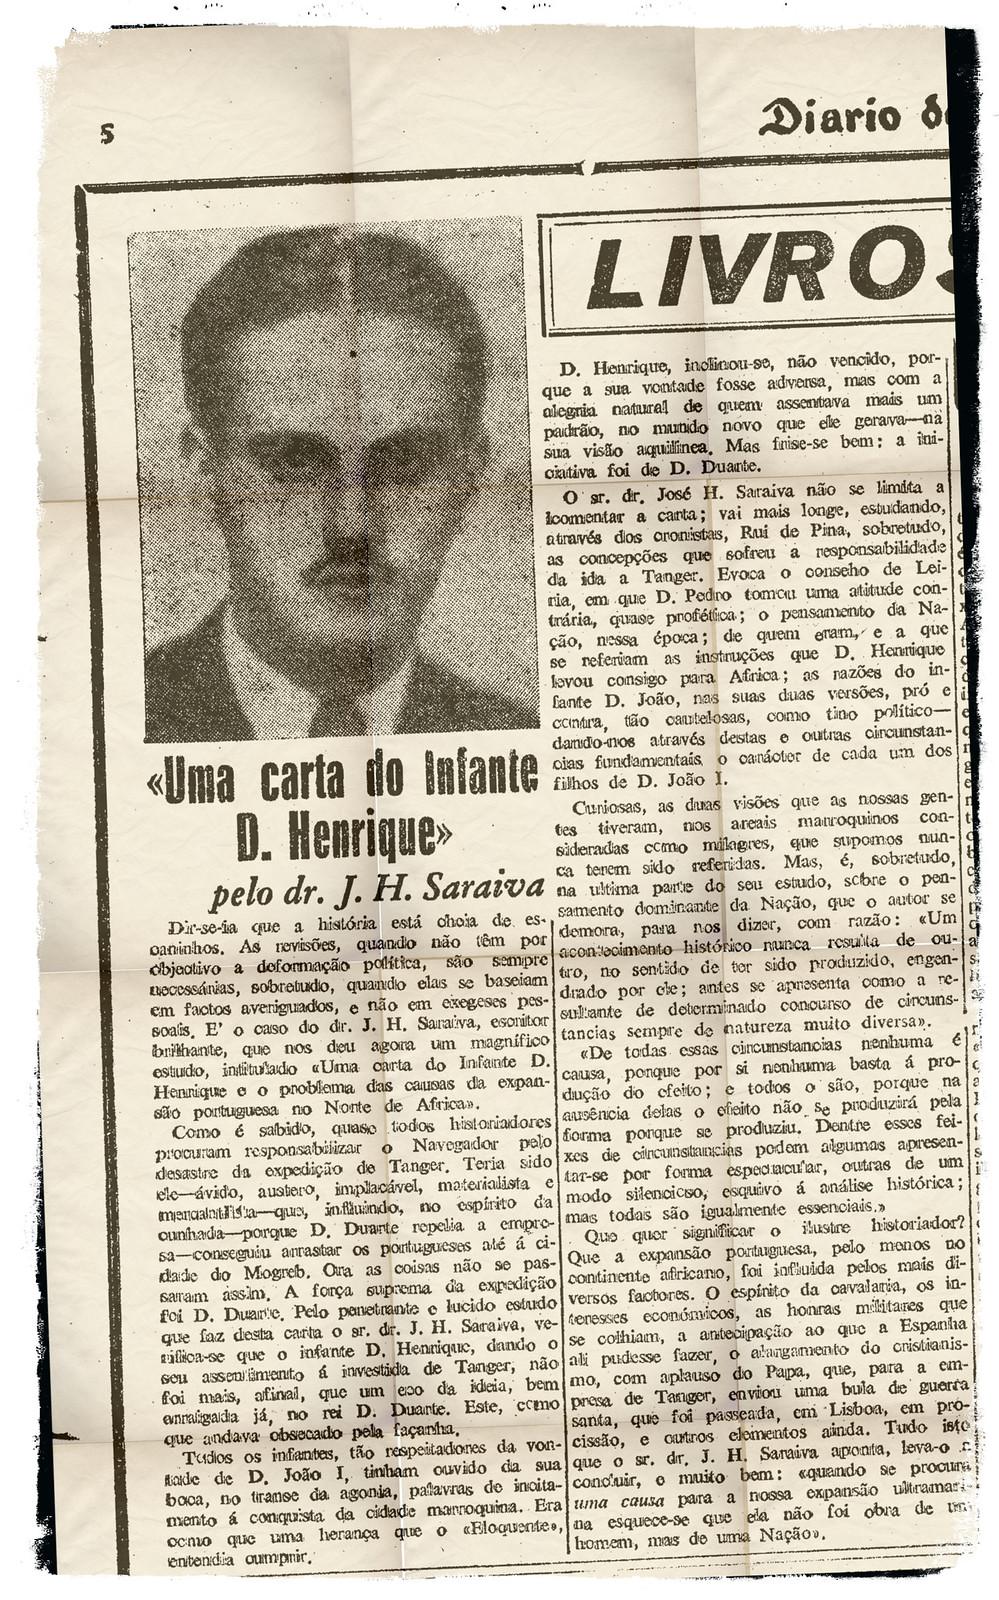 «Uma carta do Infante D. Henrique» pelo dr. J. H. Saraiva (Diário de Lisbôa, 30-6-948)